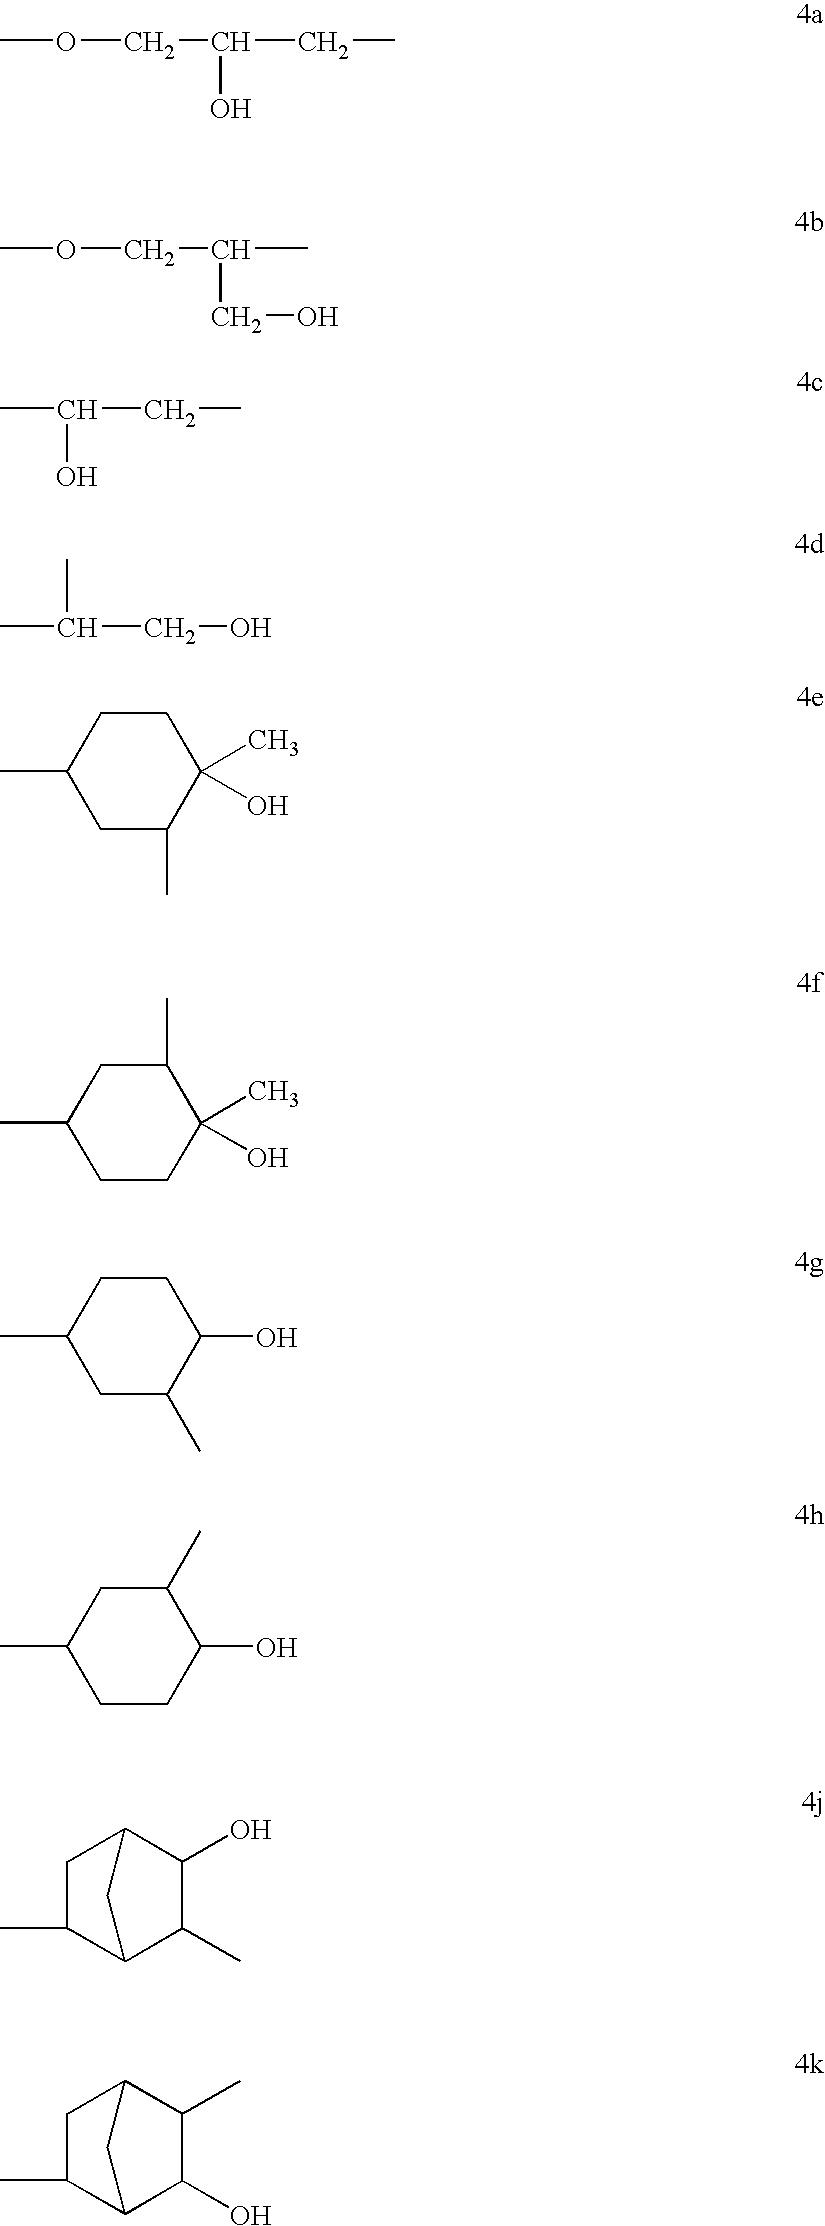 Figure US20070128143A1-20070607-C00019